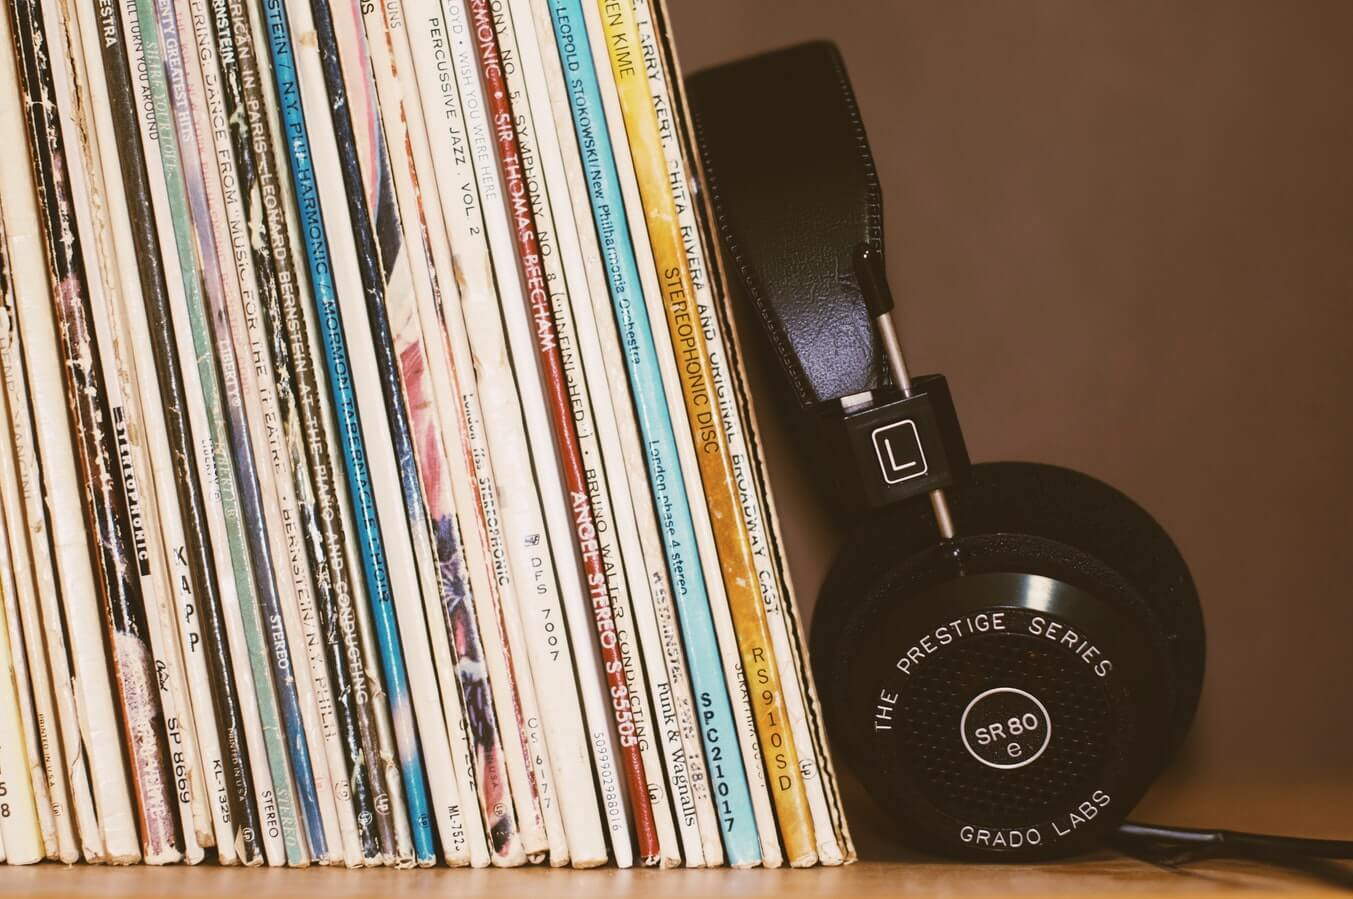 Príjemná hudba už zachránila nejednu ponurú chvíľu